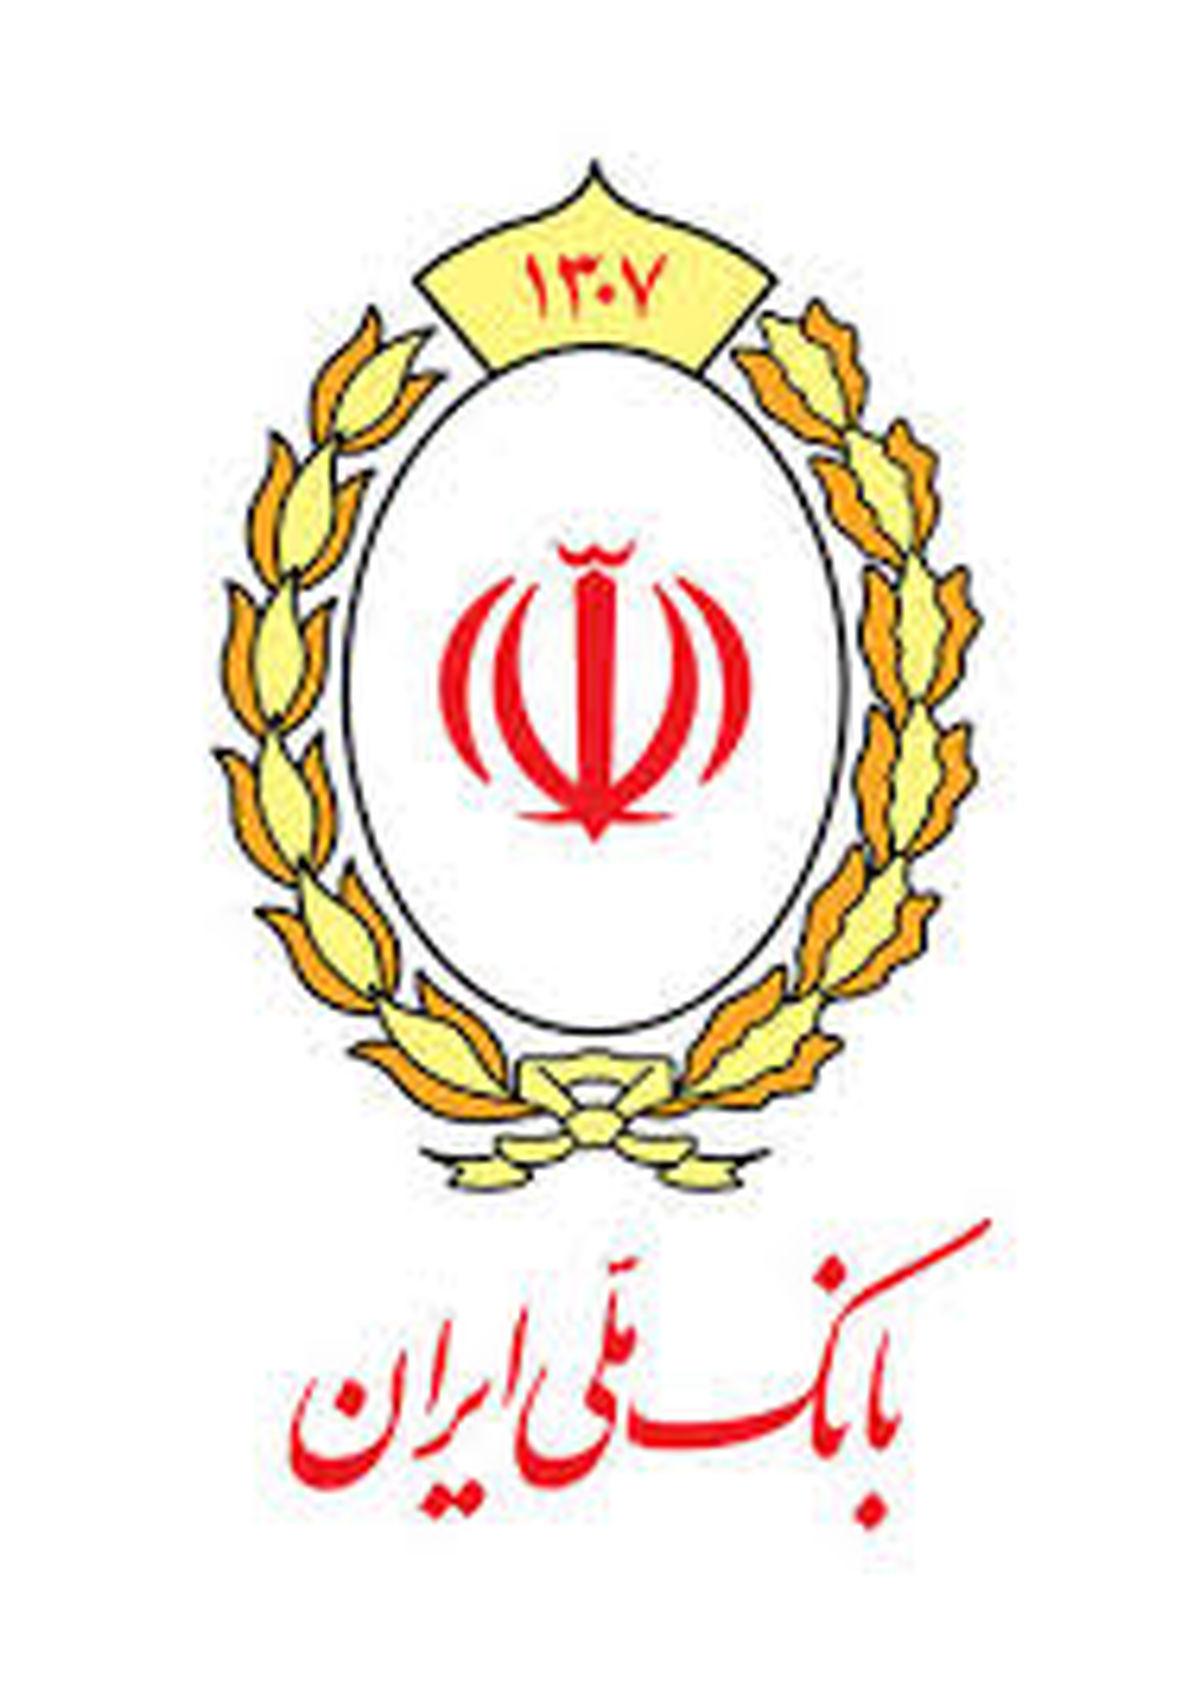 تکمیل سبد دارویی کشور به پشتوانه همه جانبه بانک ملی ایران